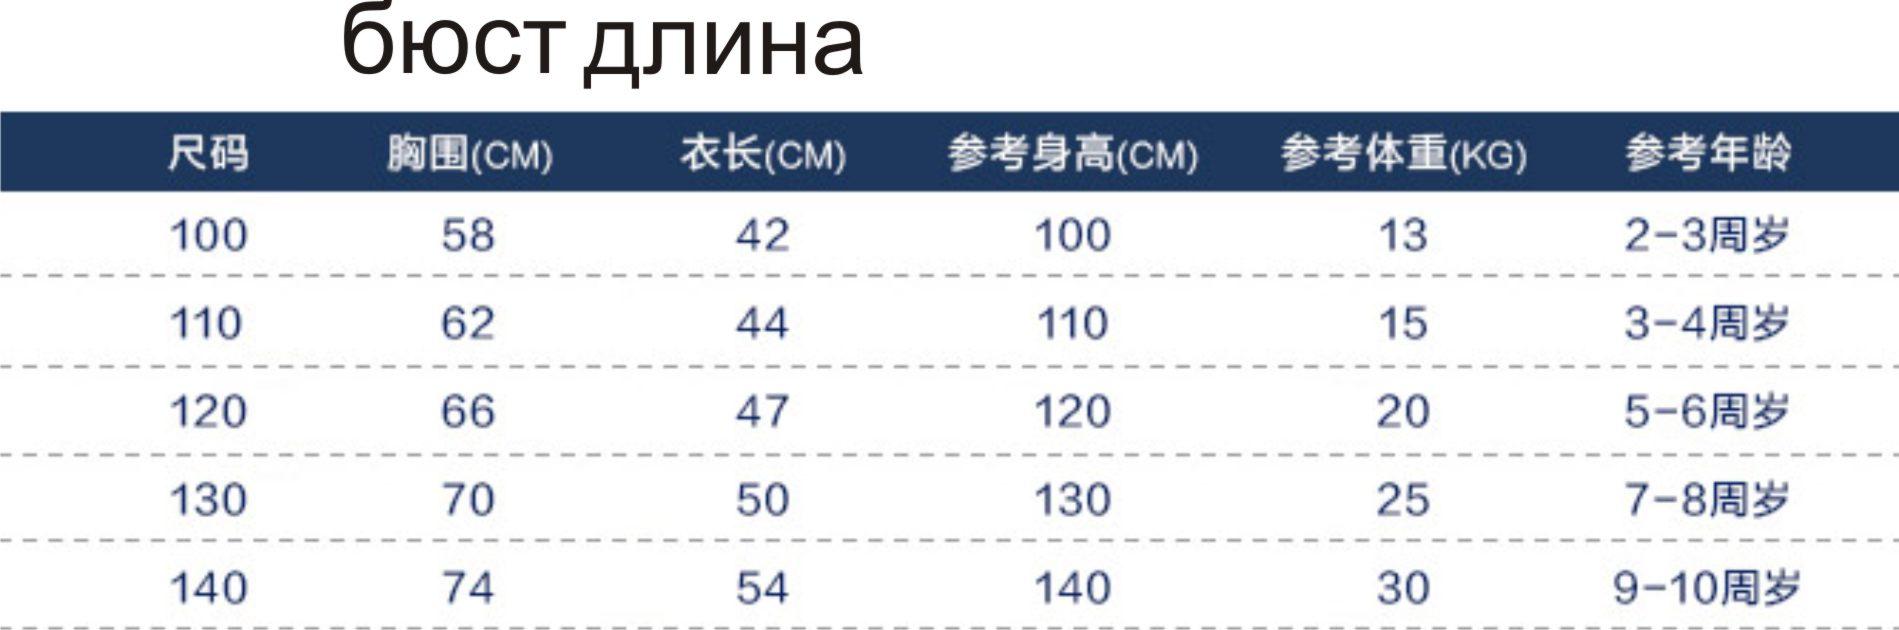 http://s6.uploads.ru/JROZI.jpg